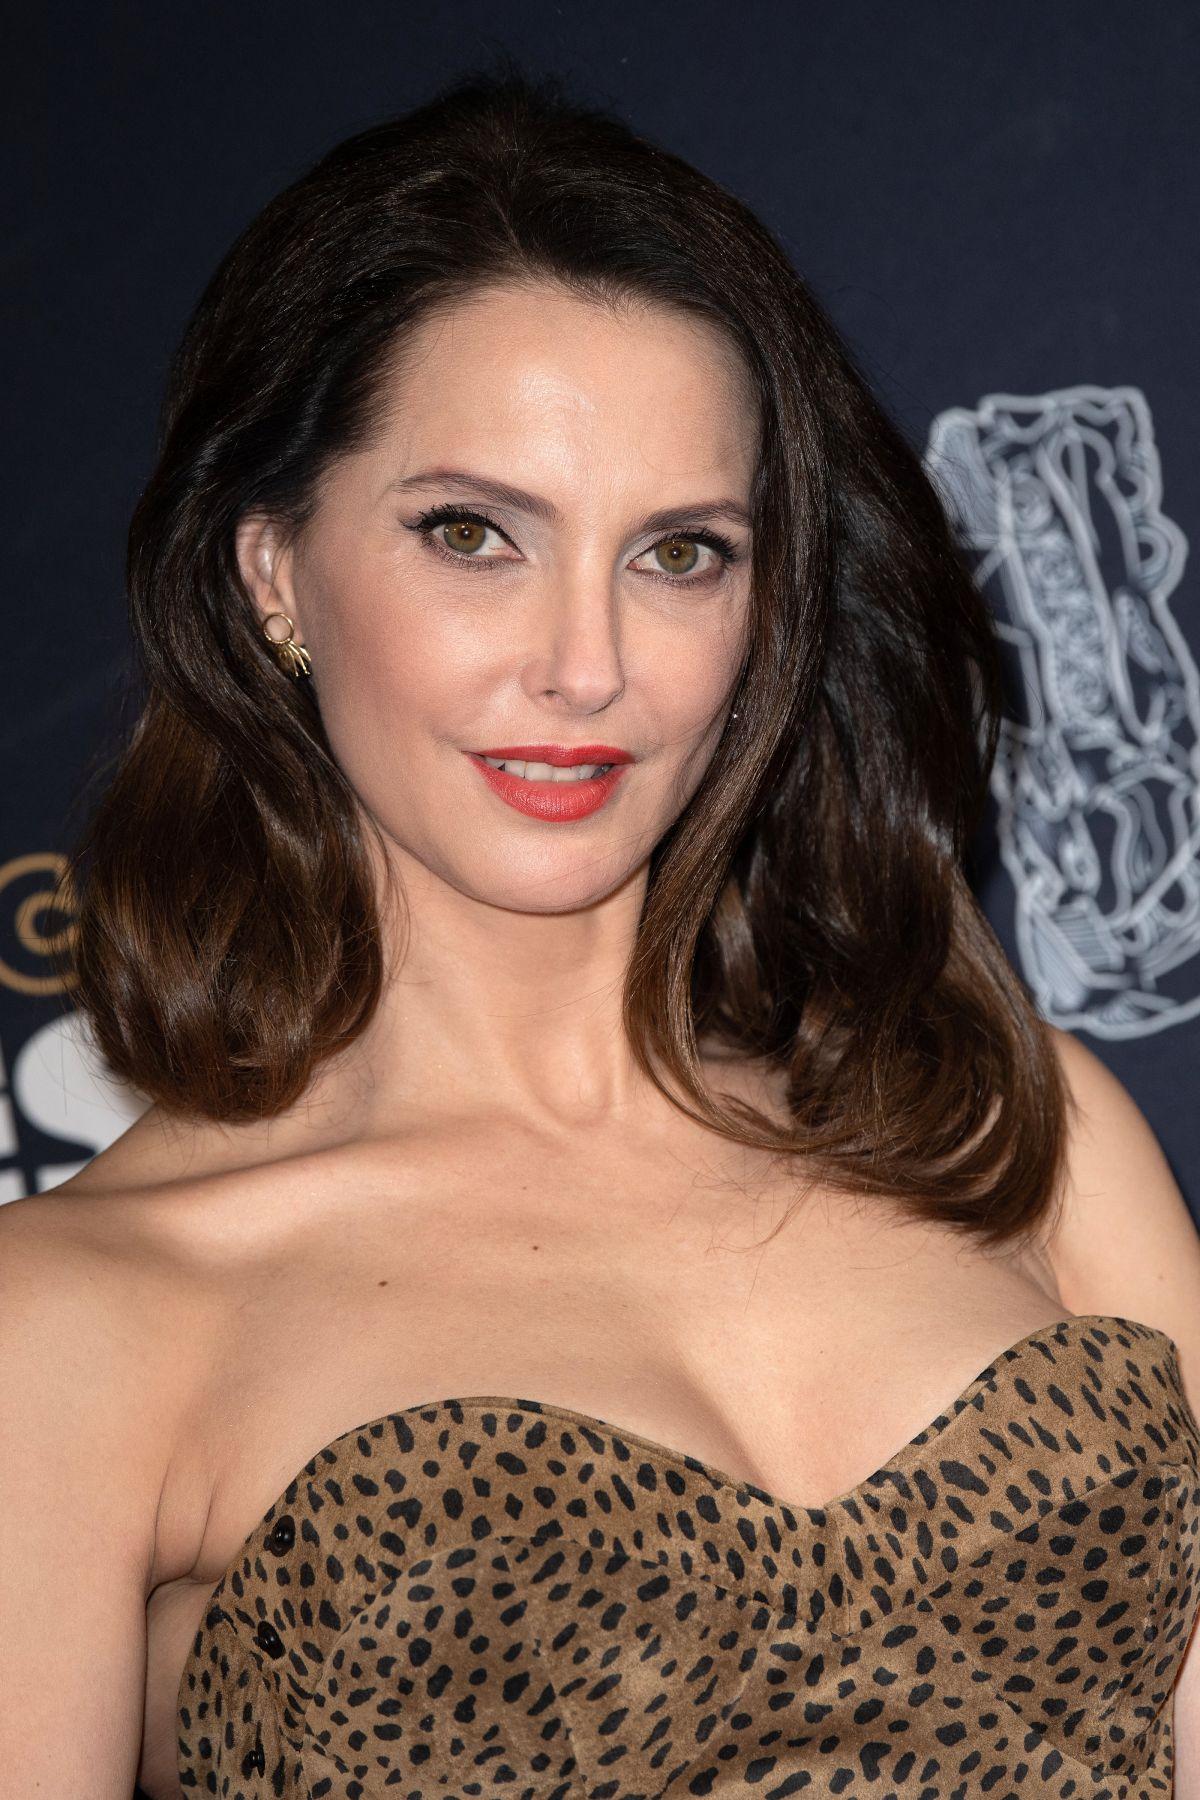 FREDERIQUE BEL at Cesar Film Awards 2020 in Paris 02/28